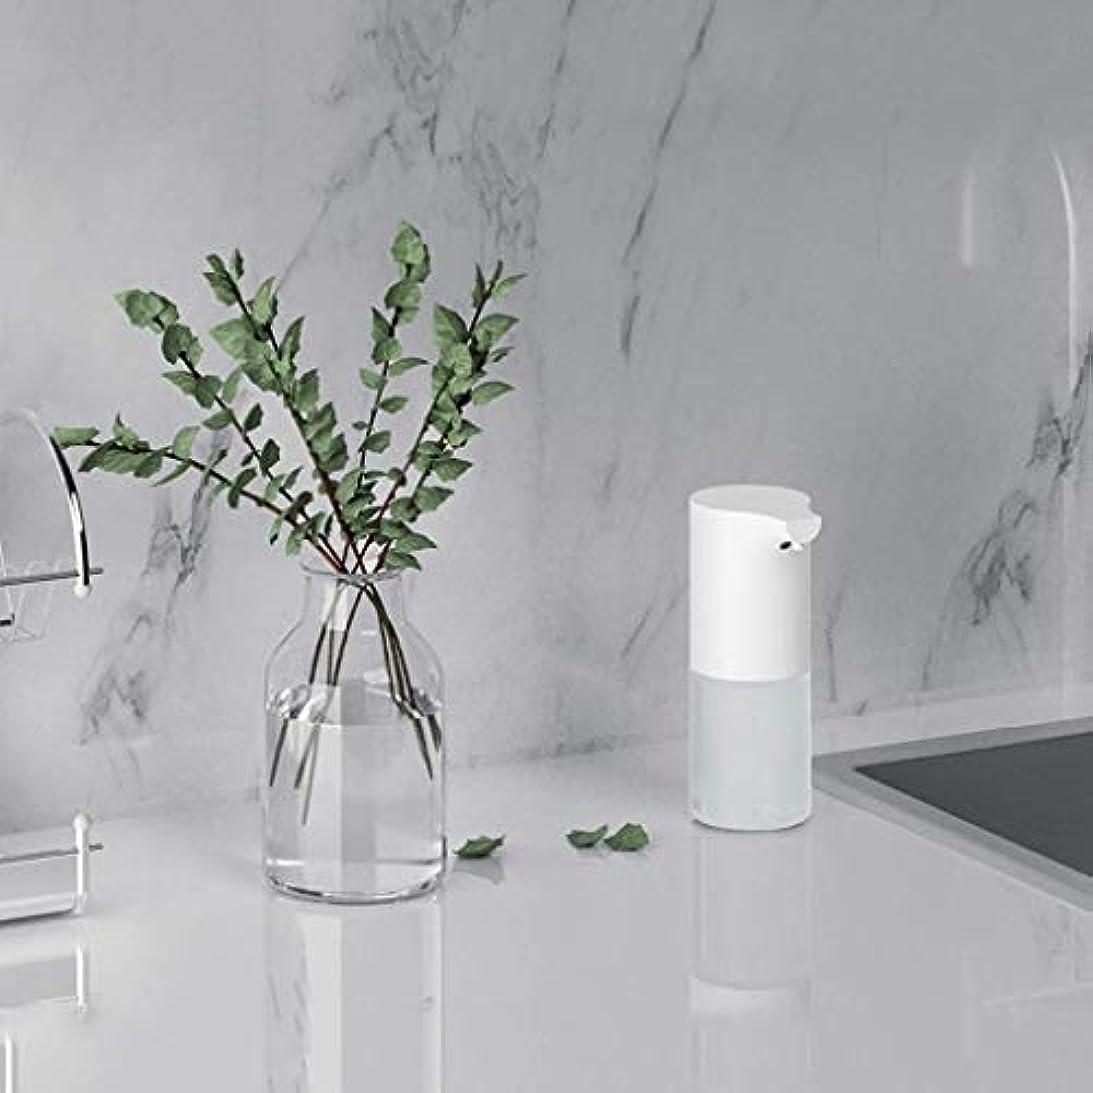 オートマトン寄生虫専門赤外線センサー泡手消毒剤320ミリリットル環境保護素材石鹸ボトルキッチンバスルームローション(色:白、サイズ:19 * 9.8 * 7.3 cm) (Color : White, Size : 19*9.8*7.3cm)